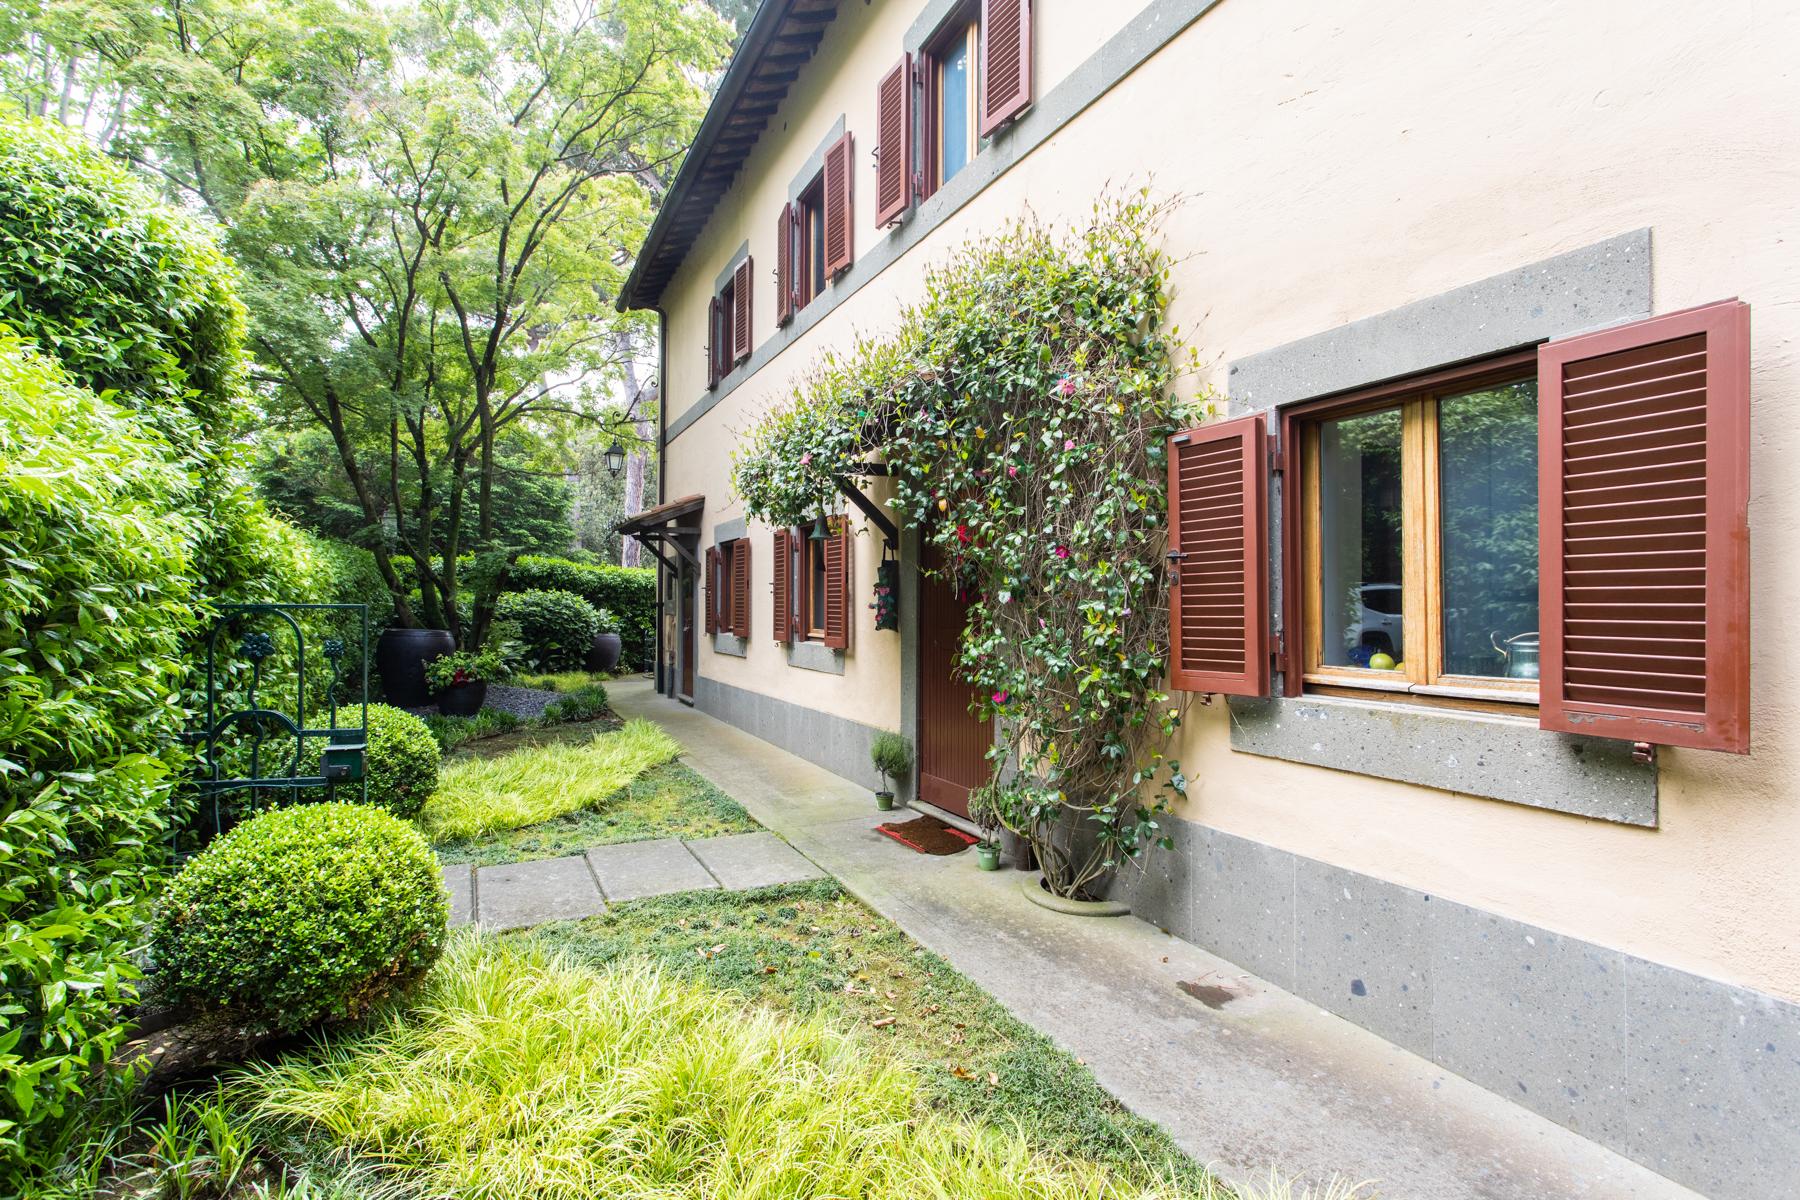 Villa in Vendita a Castel Gandolfo: 5 locali, 400 mq - Foto 4